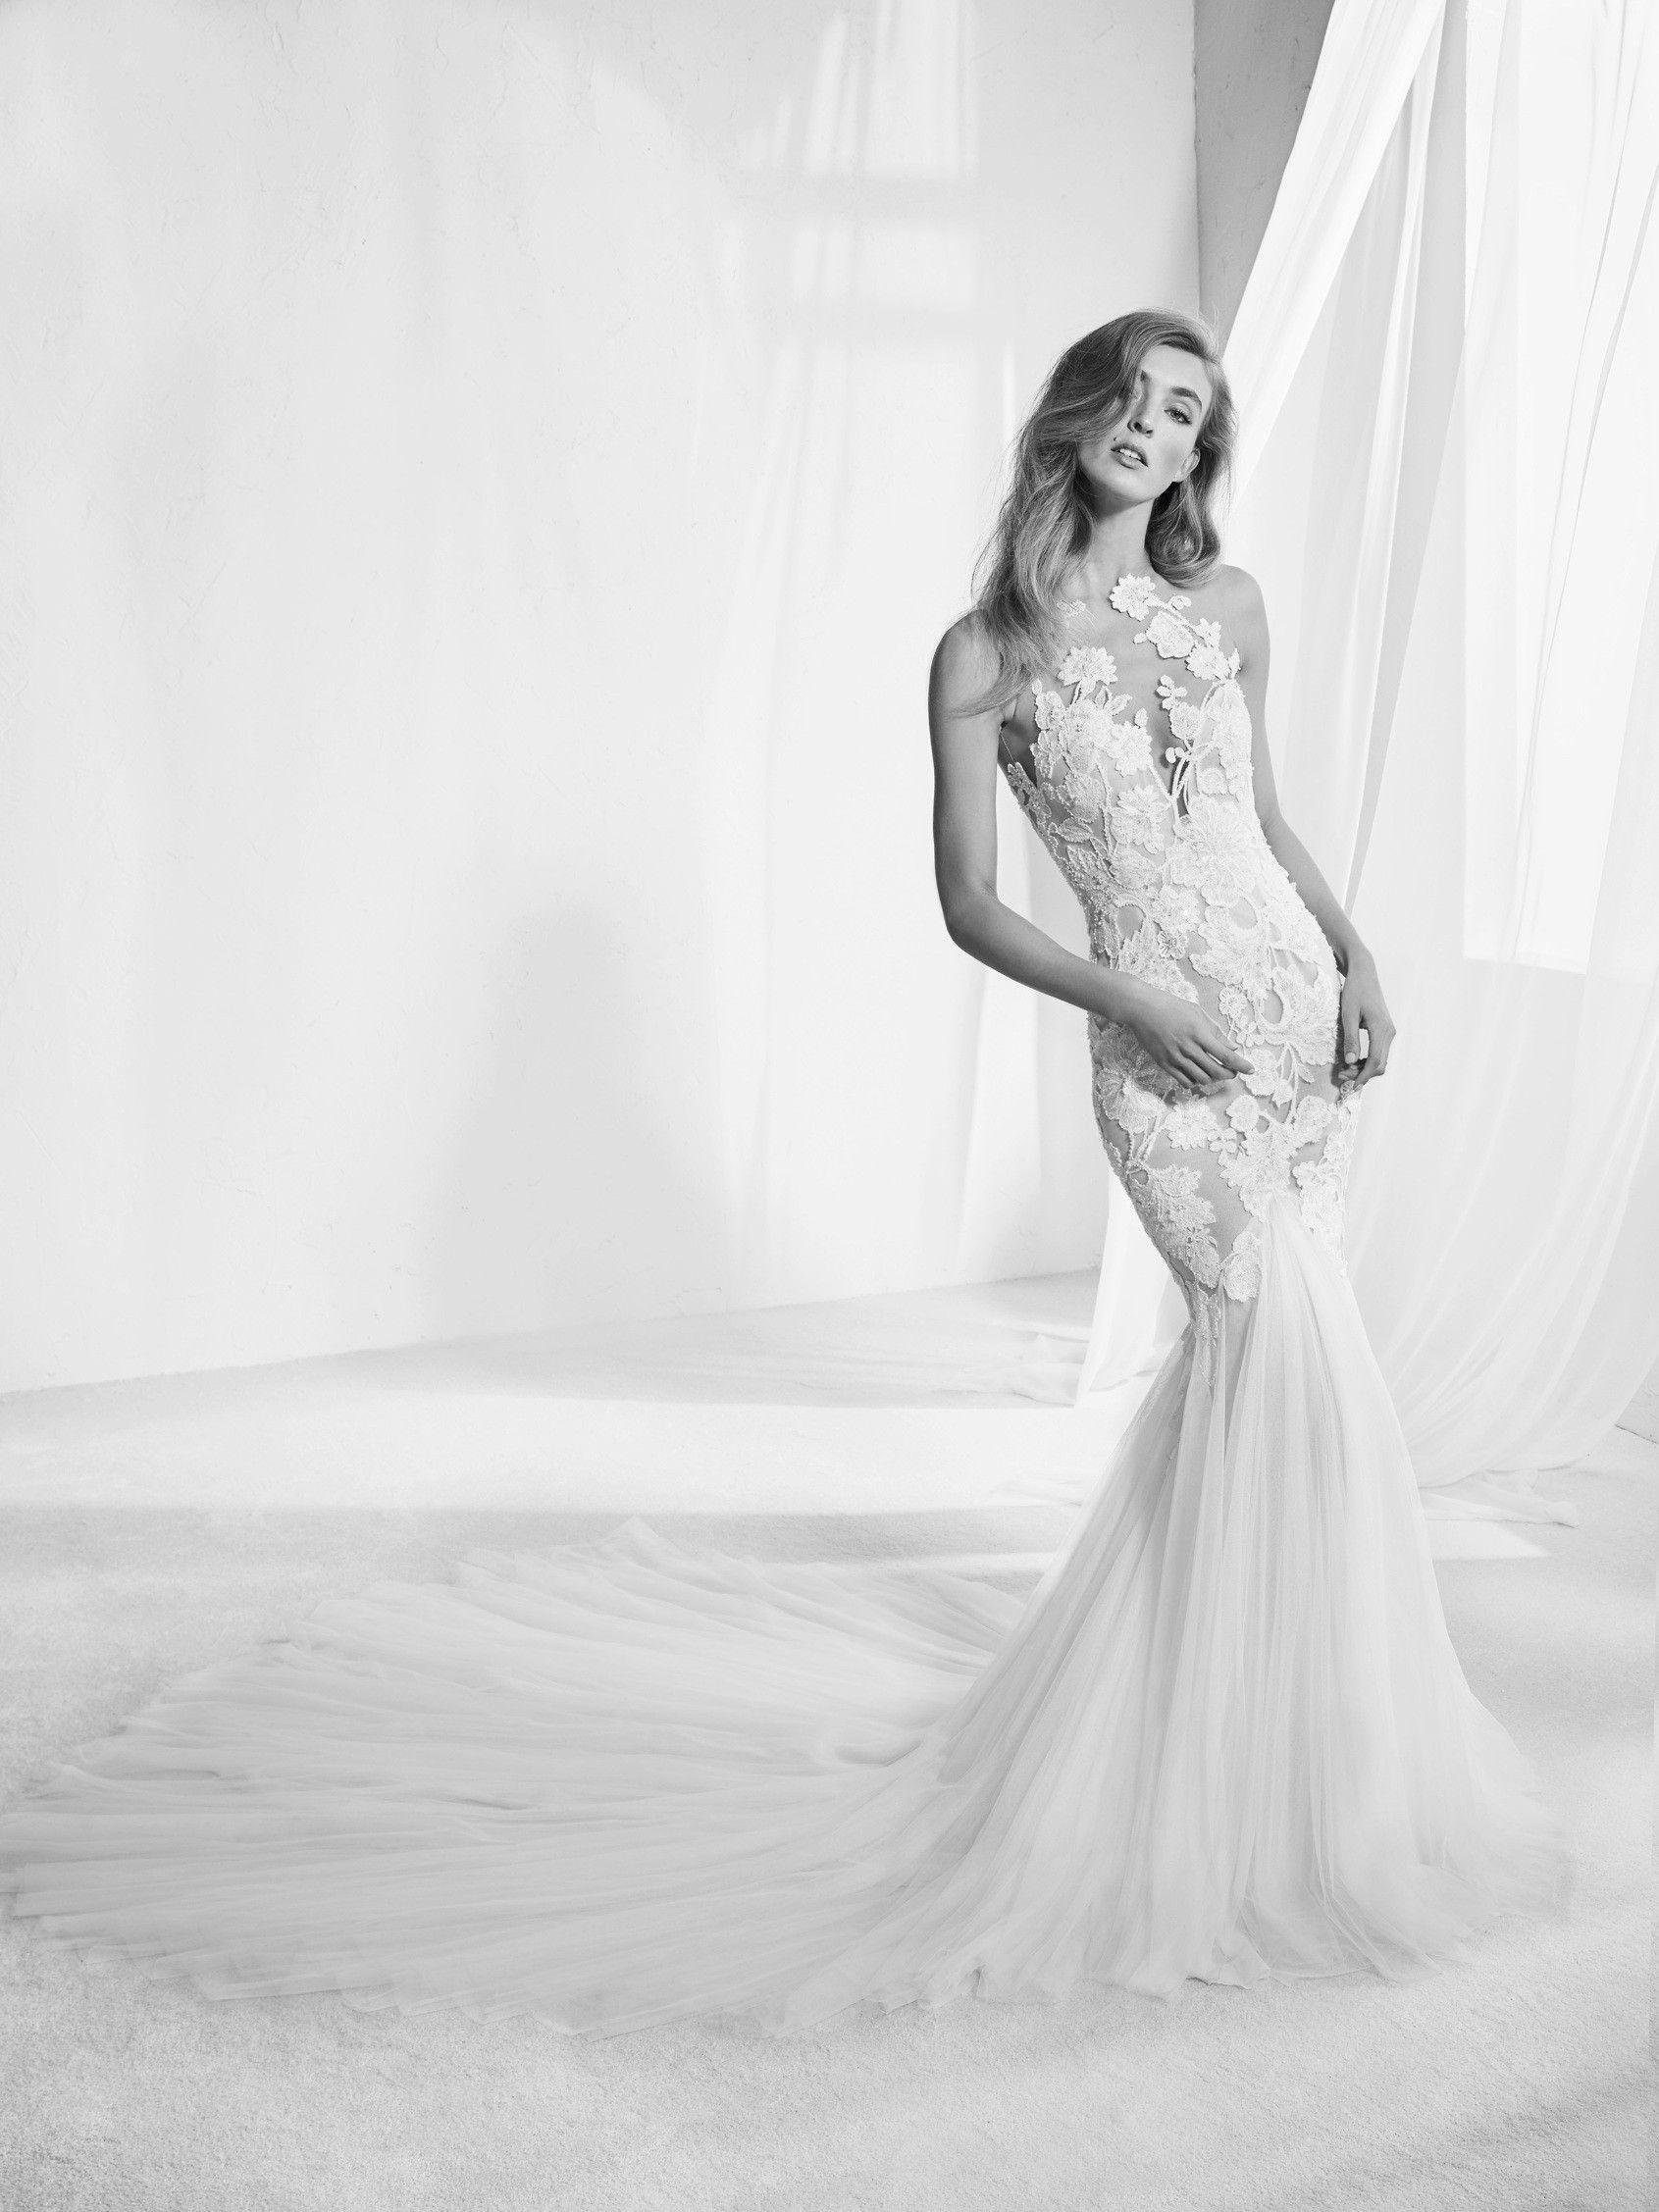 Brautkleid mit Tattoo-Effekt - Raen   Hochzeit   Pinterest   Brautkleid